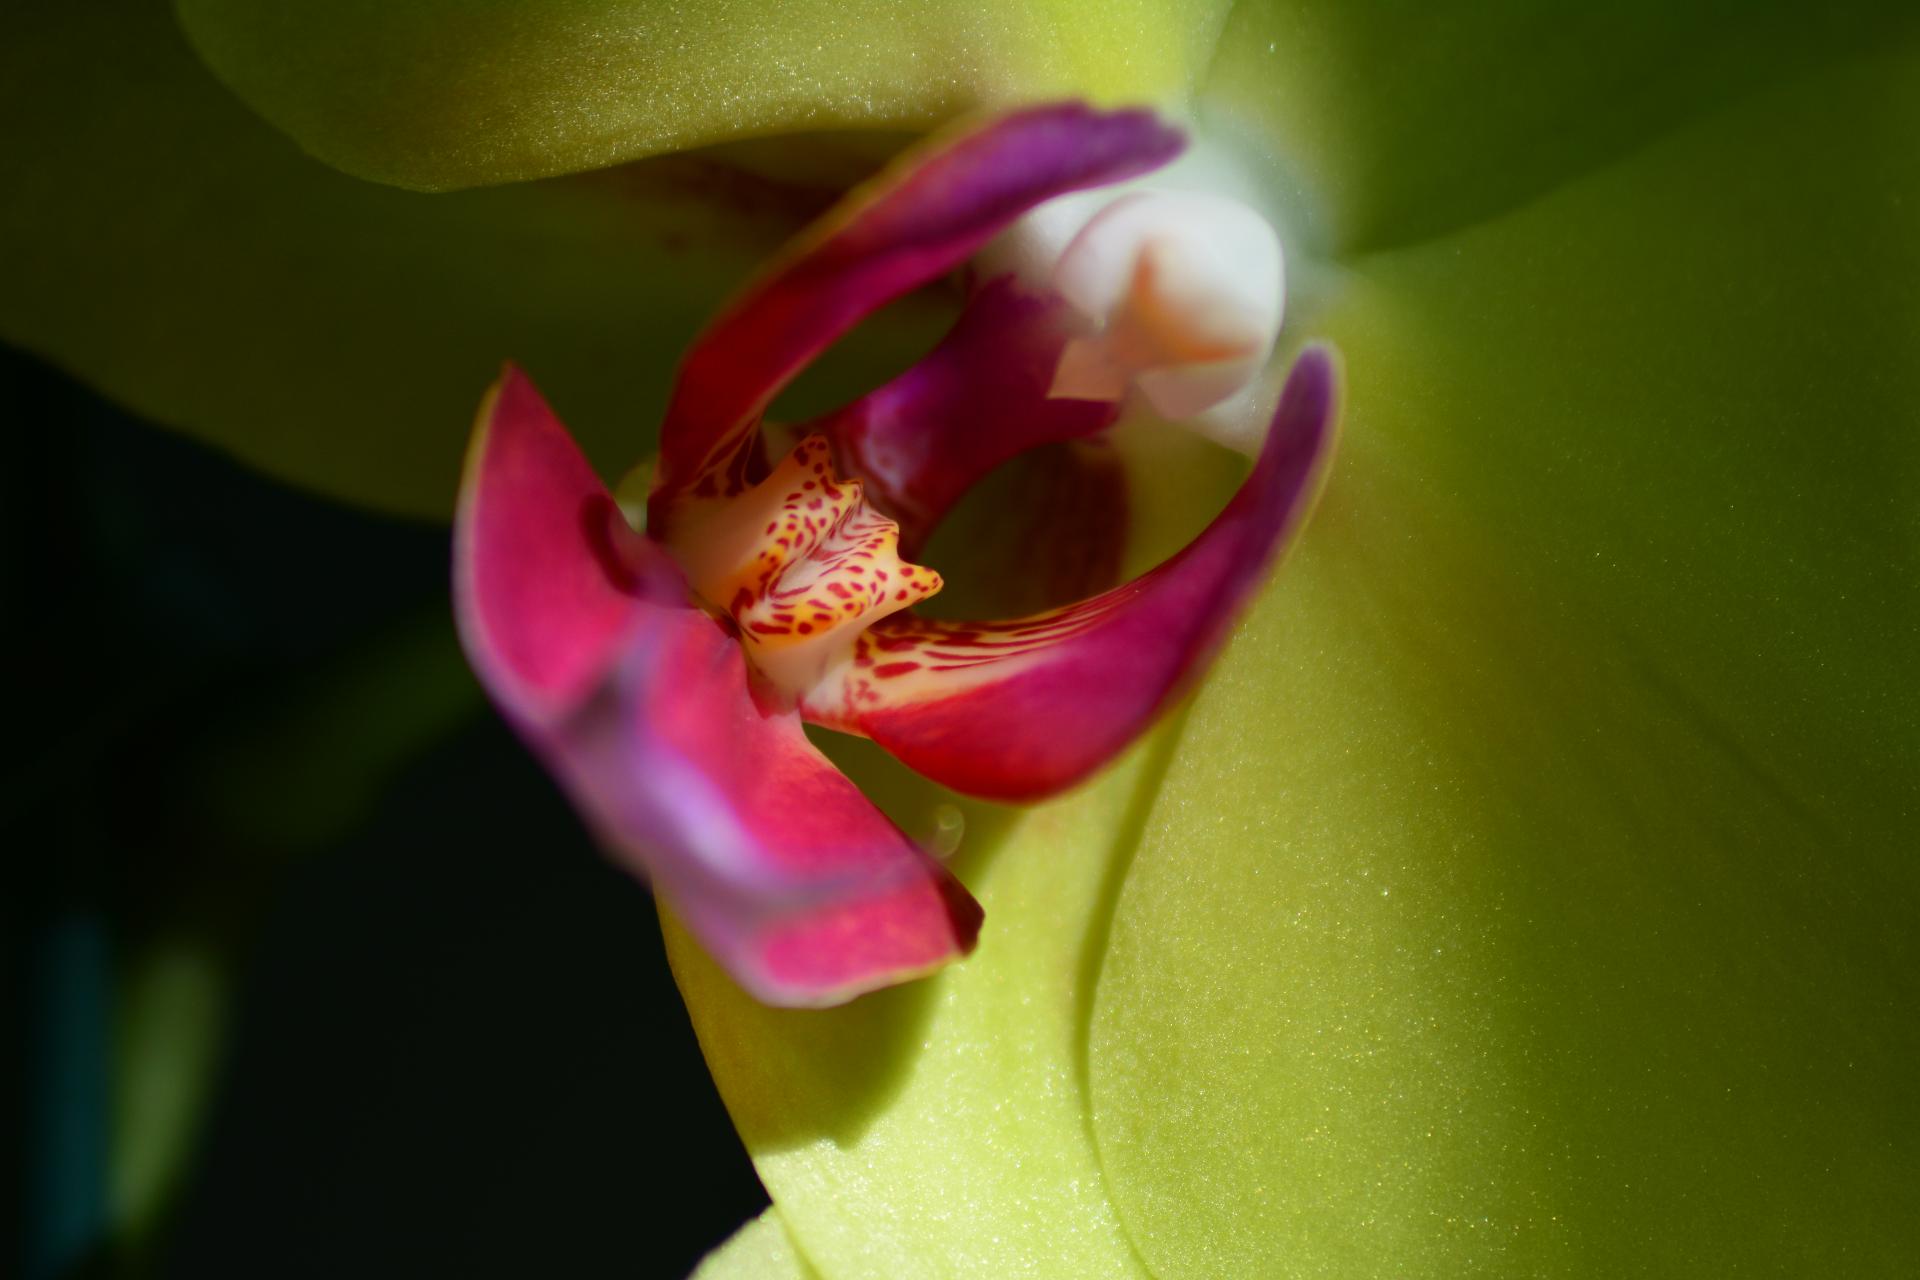 Orquídea 2 - Macro